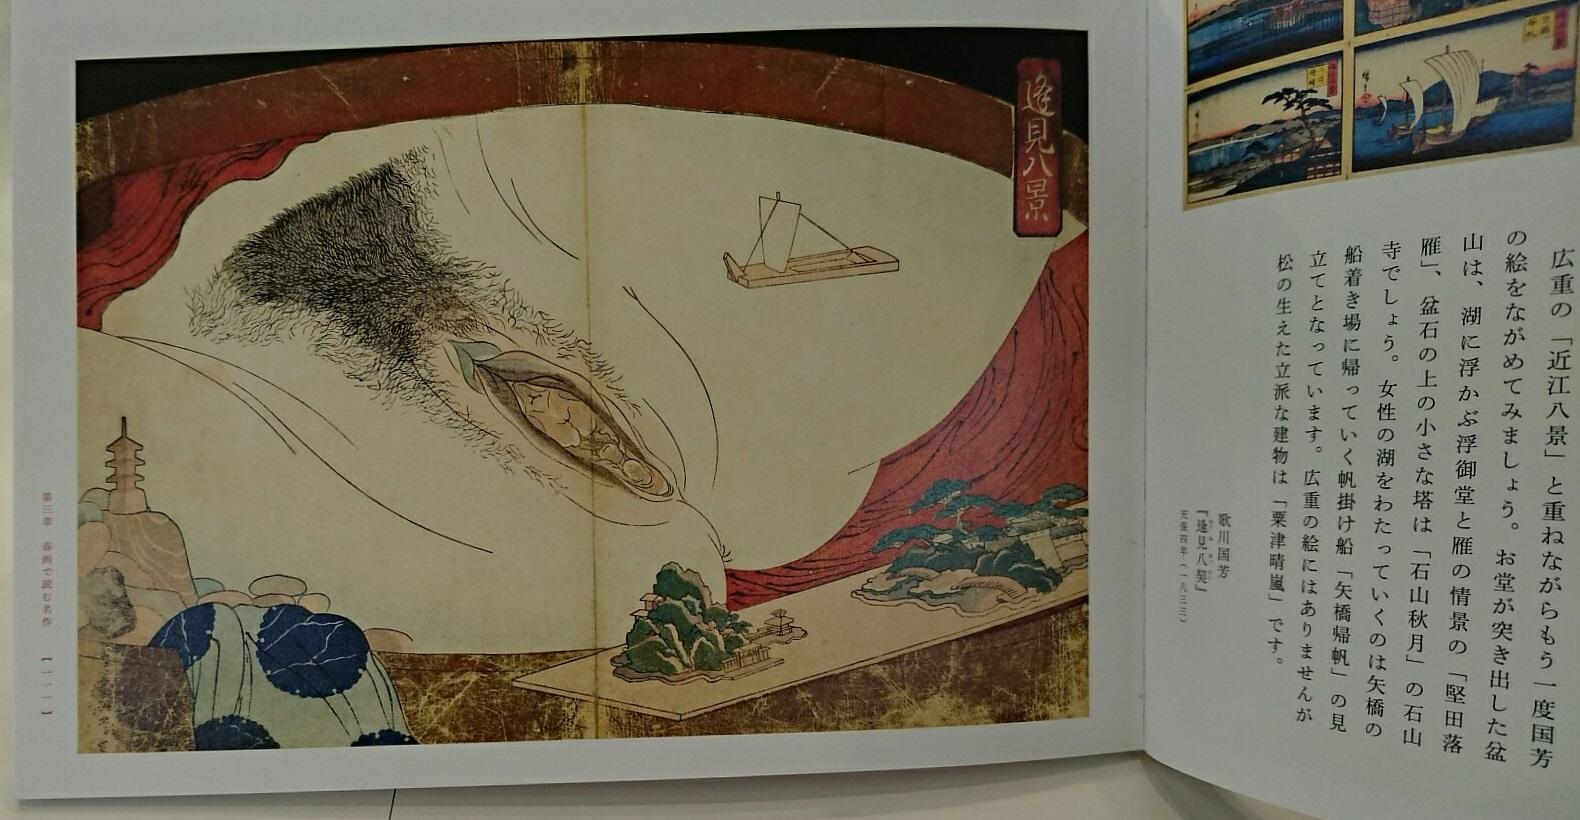 2019.7.4 へんてこな春画 (3) 歌川国芳『逢見八契』 1580-820